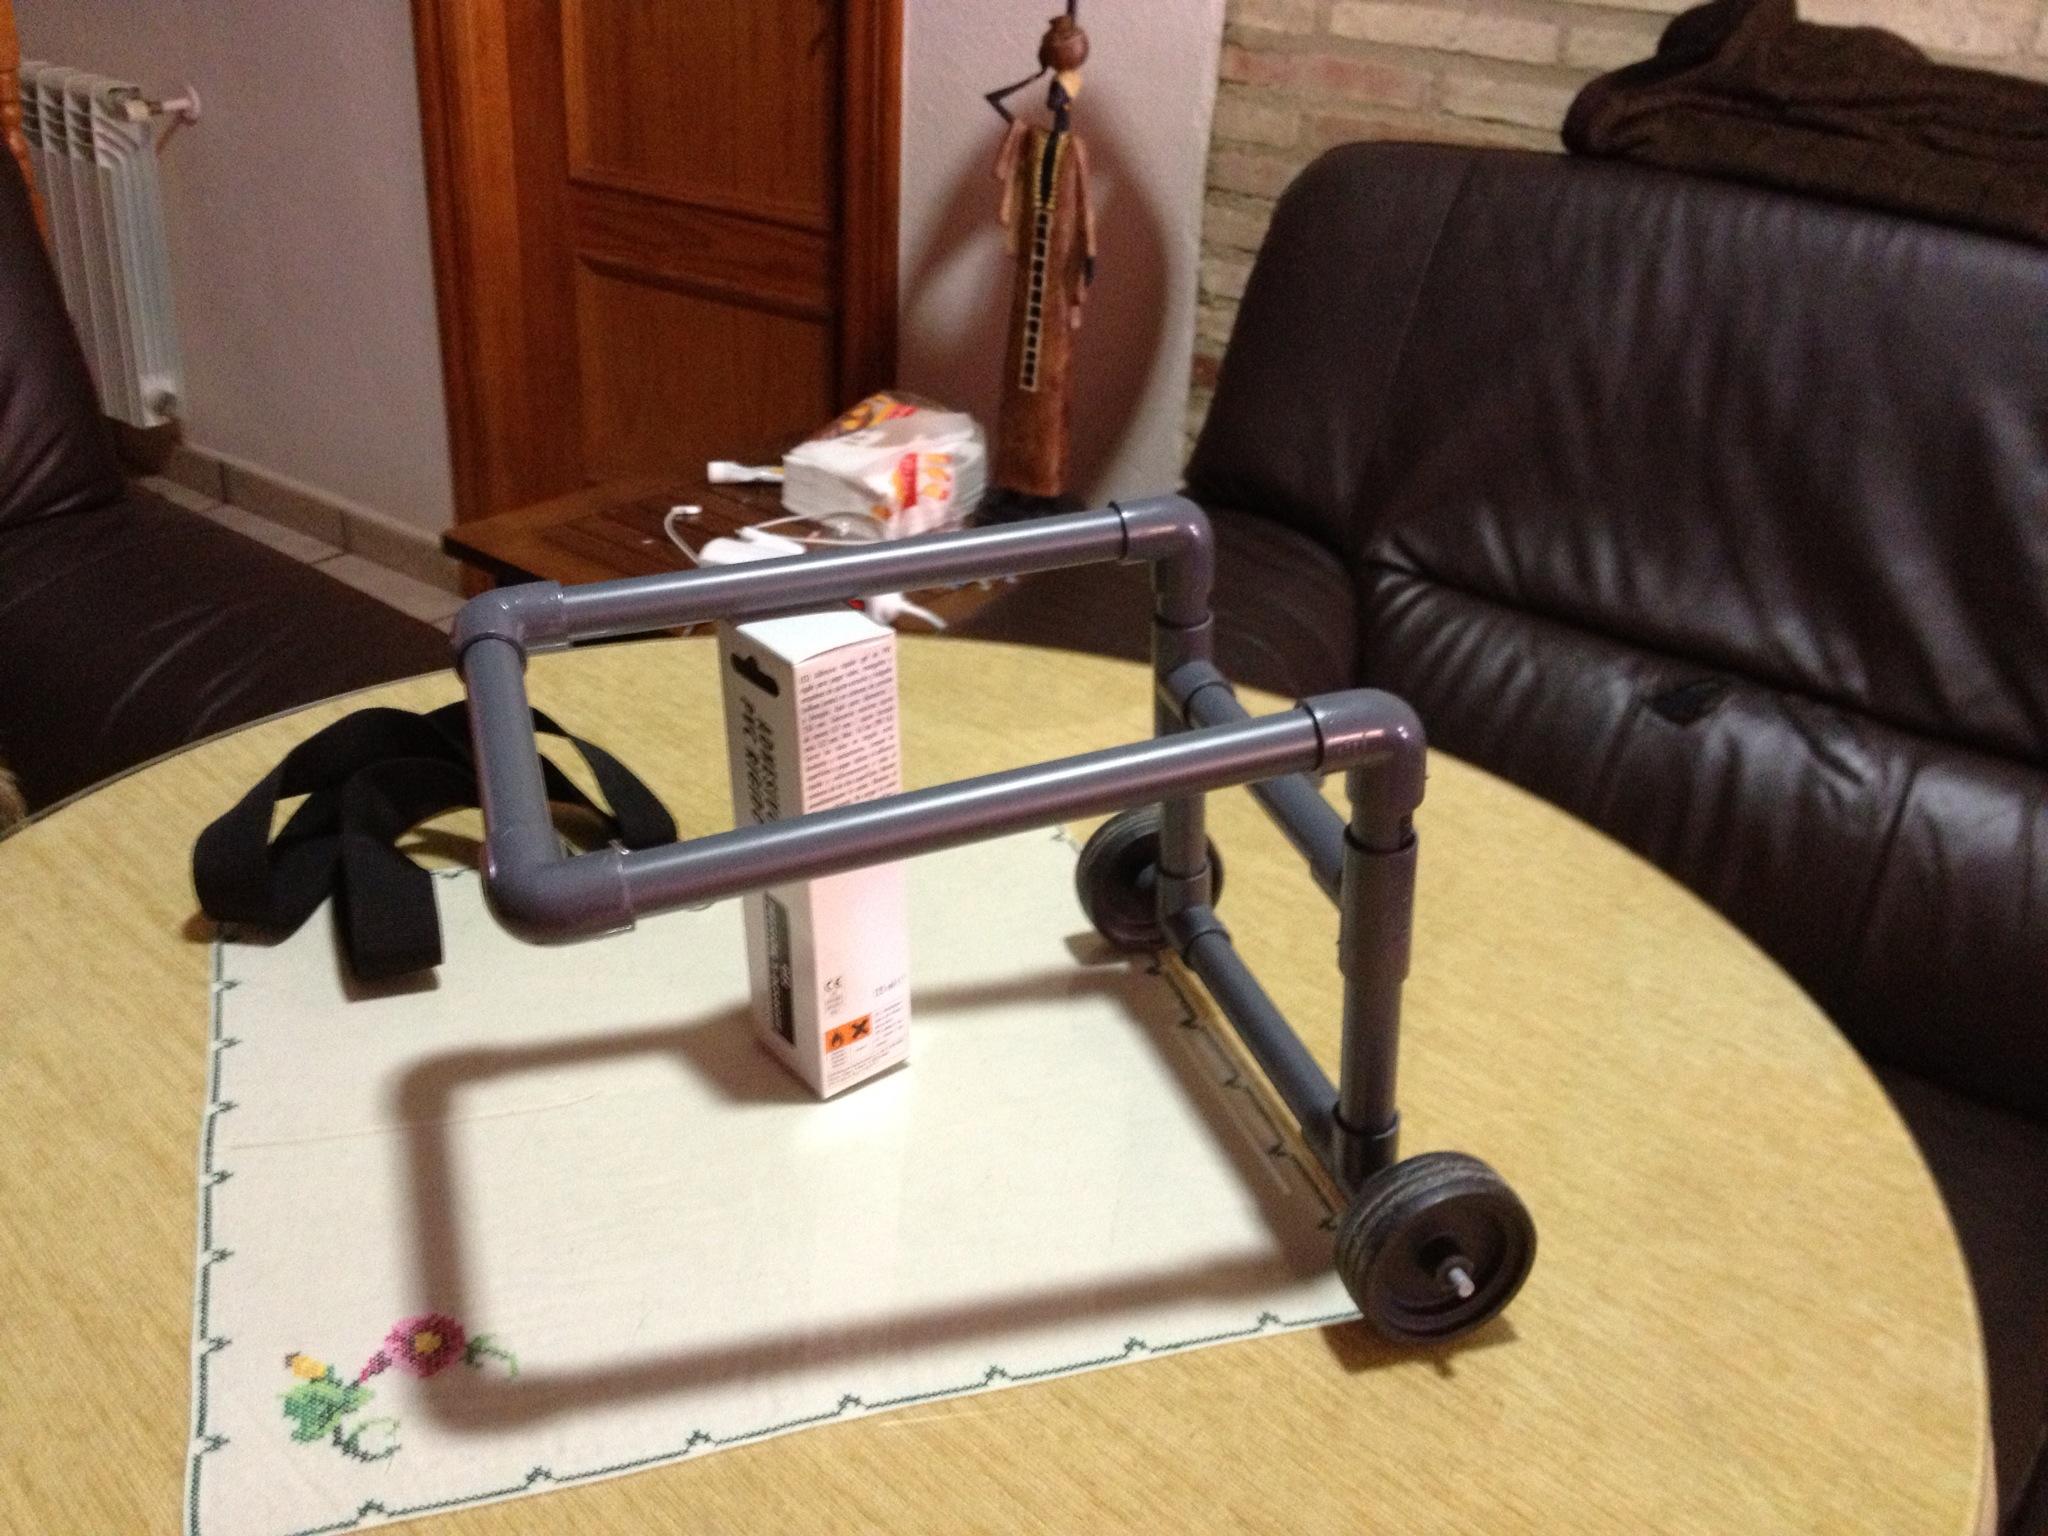 Sillas de ruedas para perros la neblina - Ruedas para sillas de ruedas ...